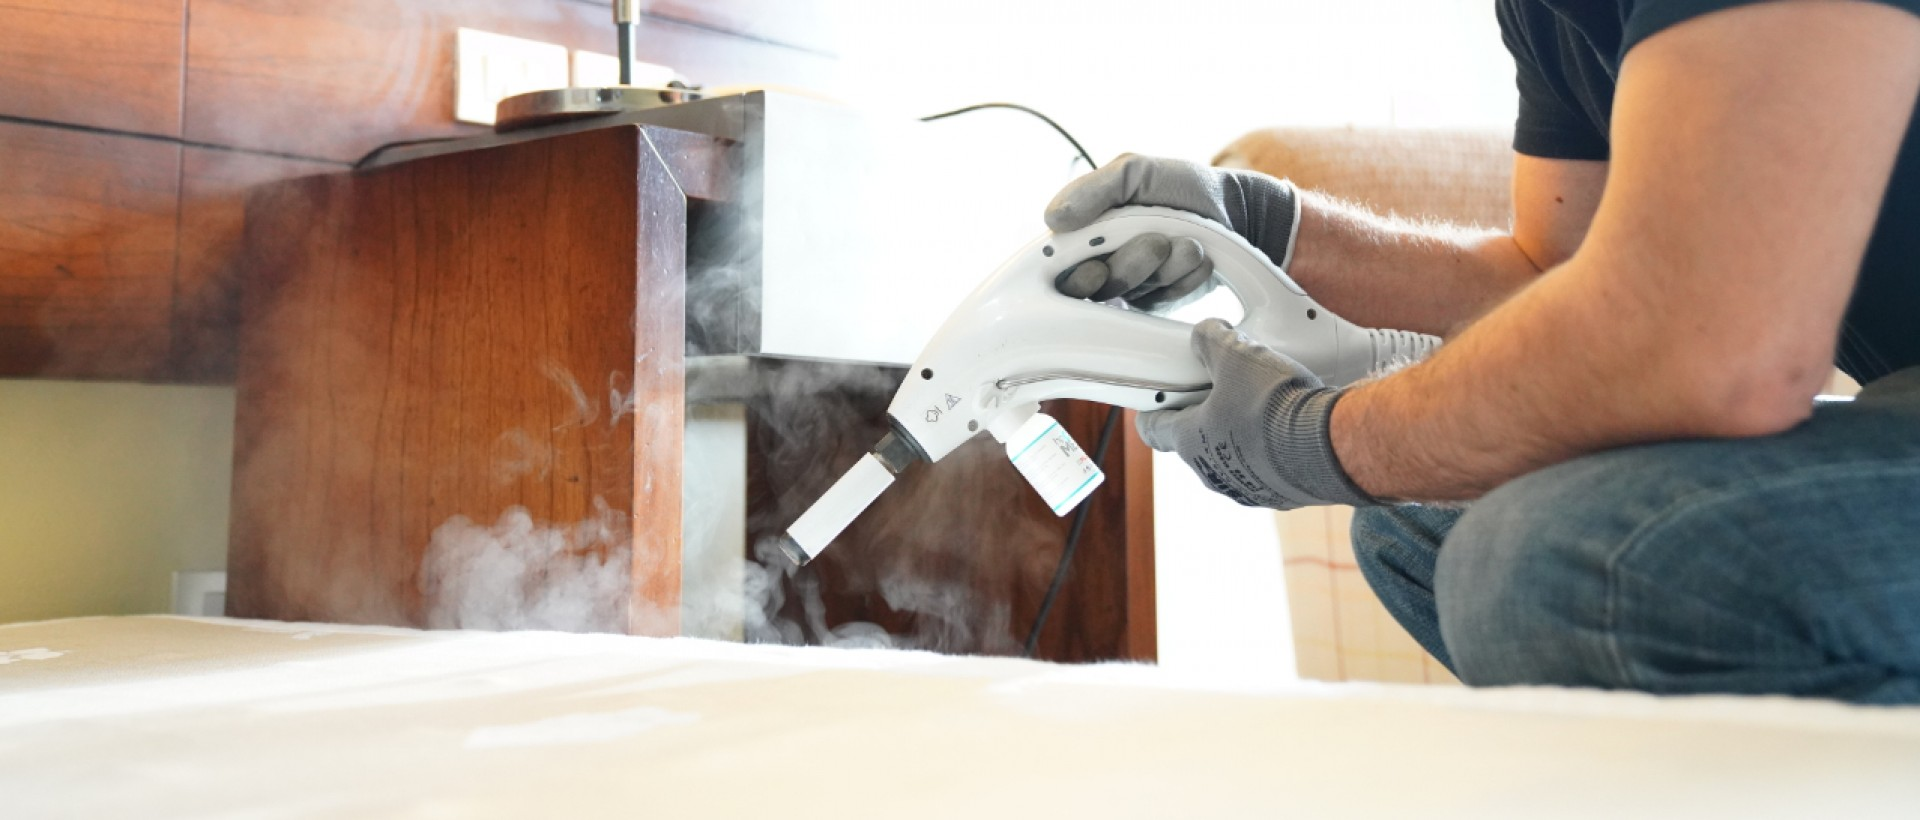 PLAGASUR® | Control de Plagas en Puerto Montt - Puerto Varas - Osorno - Castro | Limpieza y desinfección